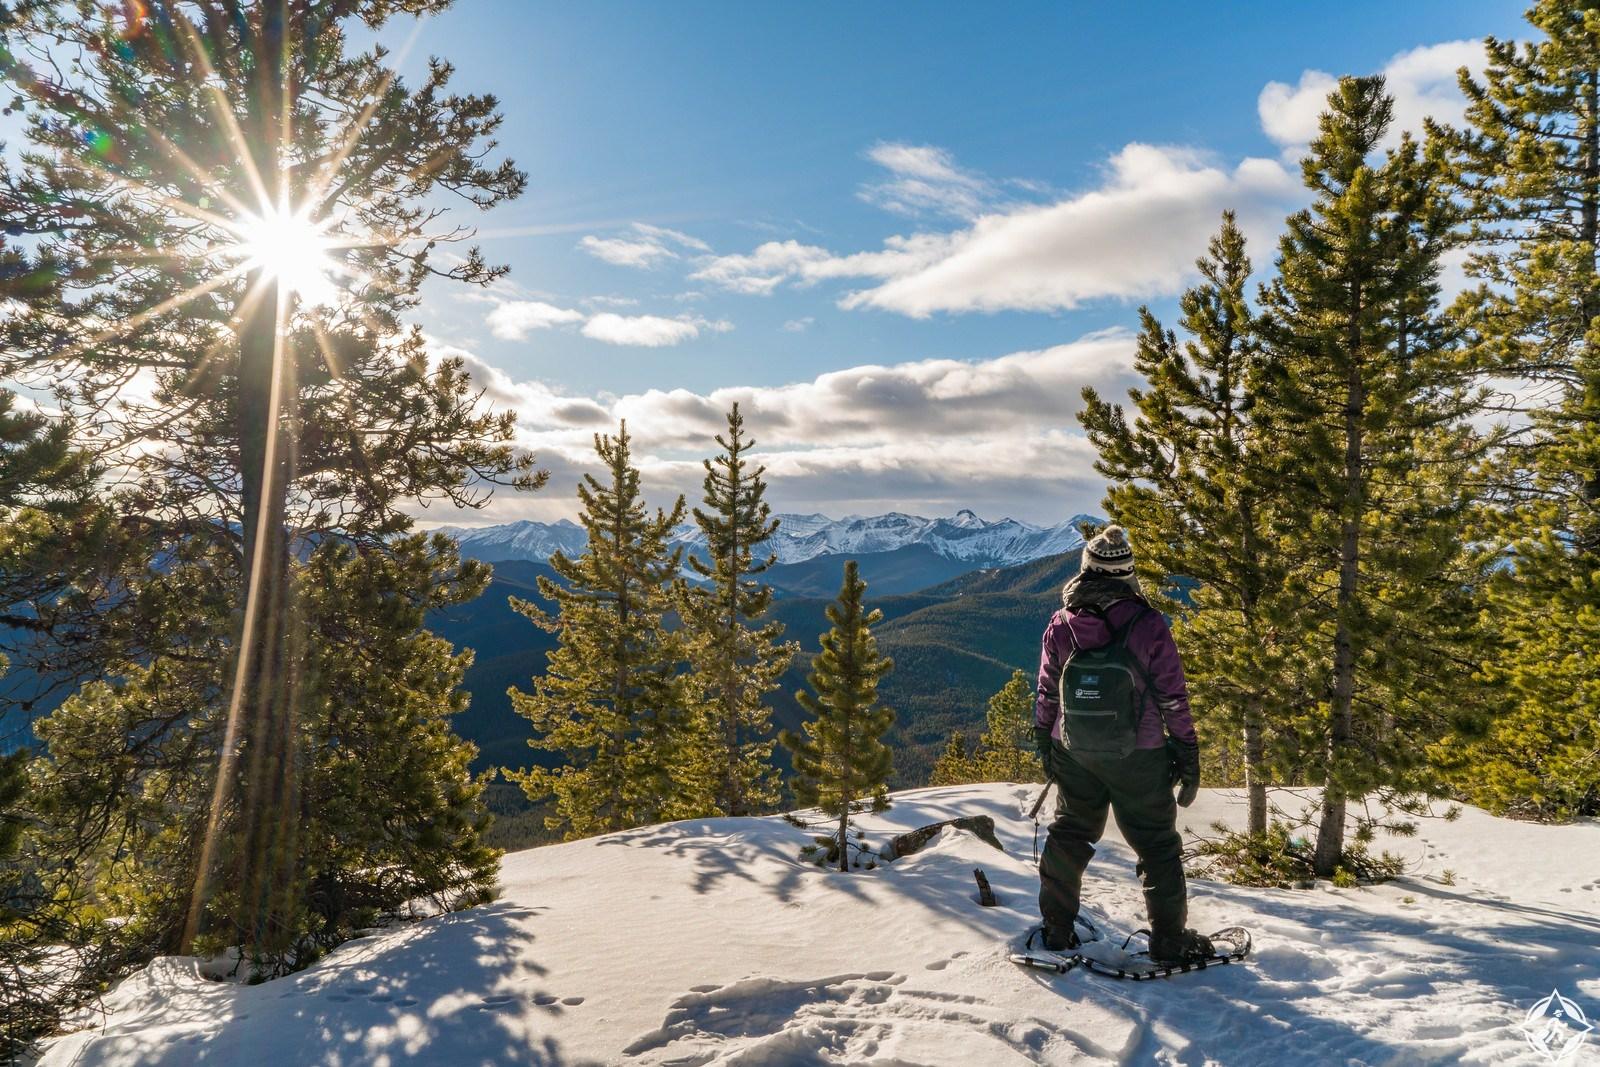 بالصور ..  اكتشف حديقة بانف الوطنية حسناء الطبيعة في كندا